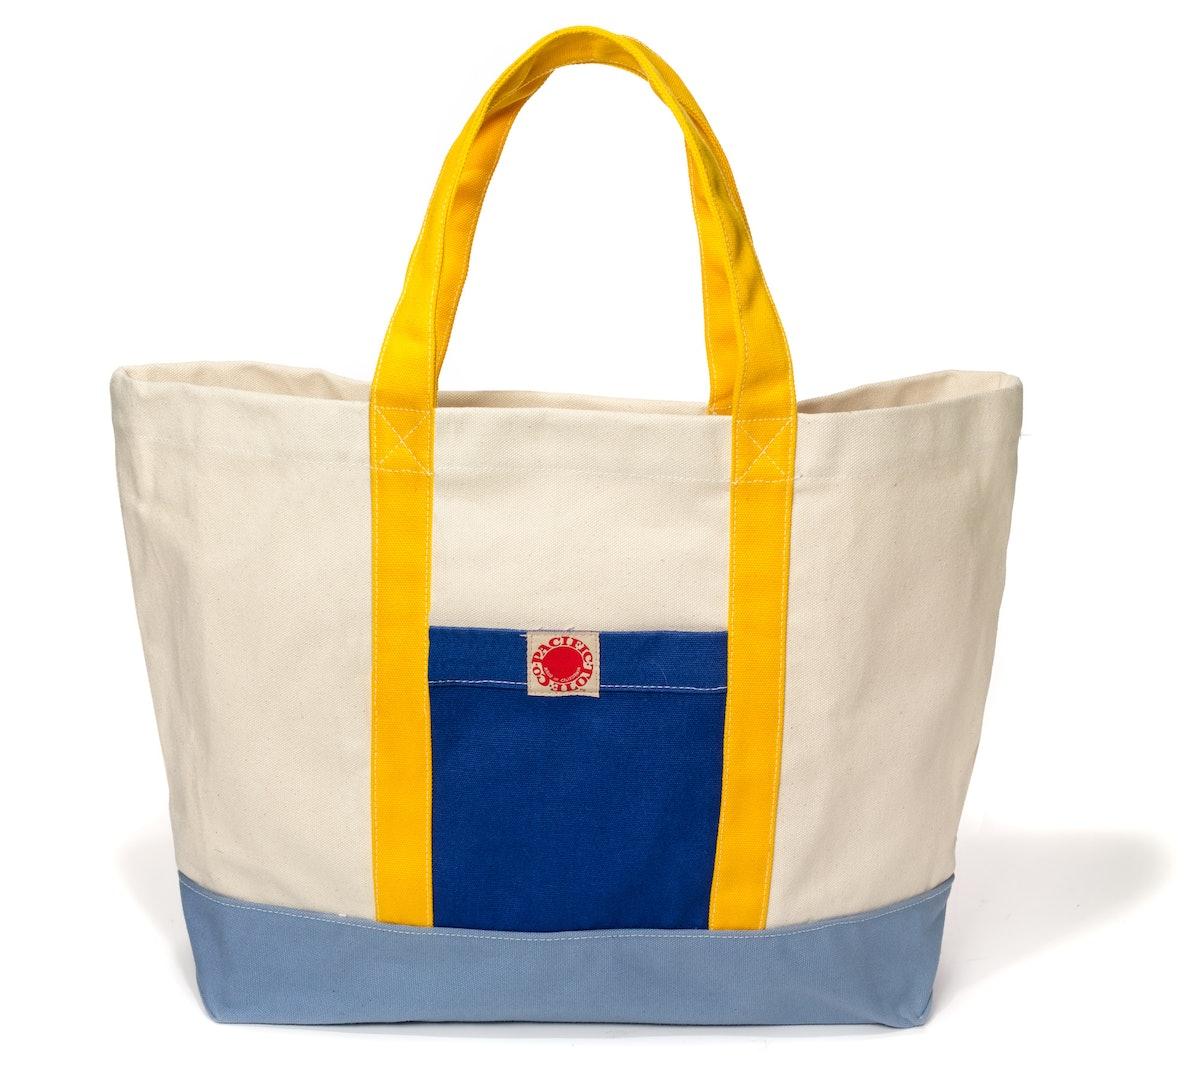 Pacific Tote Company bag